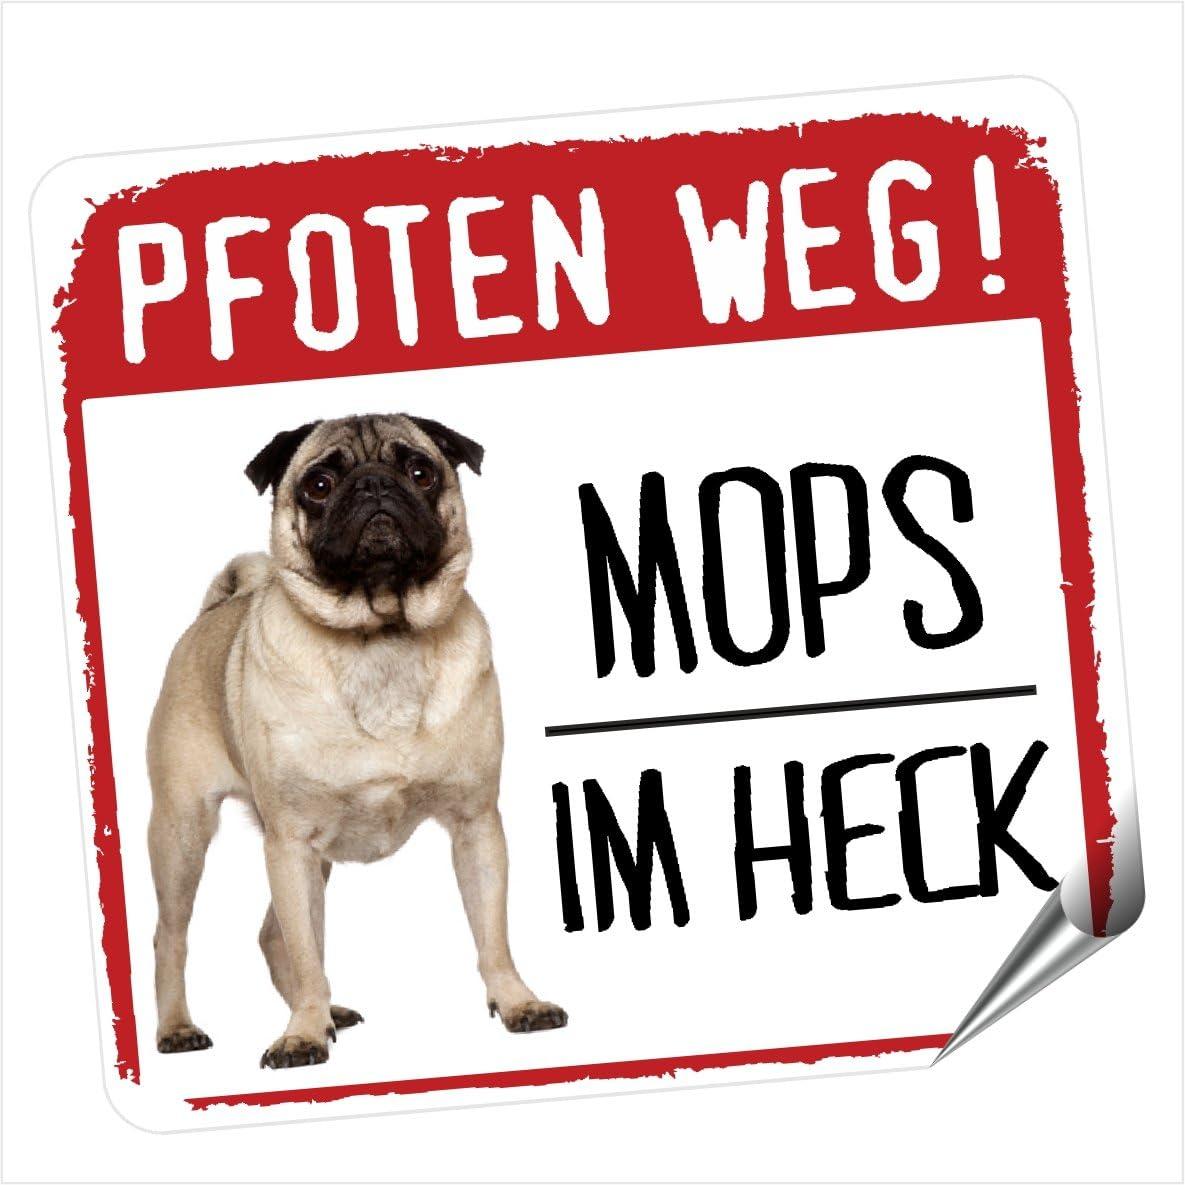 Mops Pug Pfoten Weg Kleiner Auto Aufkleber Hundeaufkleber Reflektierend Reflective Siviwonderhundeaufkleber Reflektierend Reflective Auto